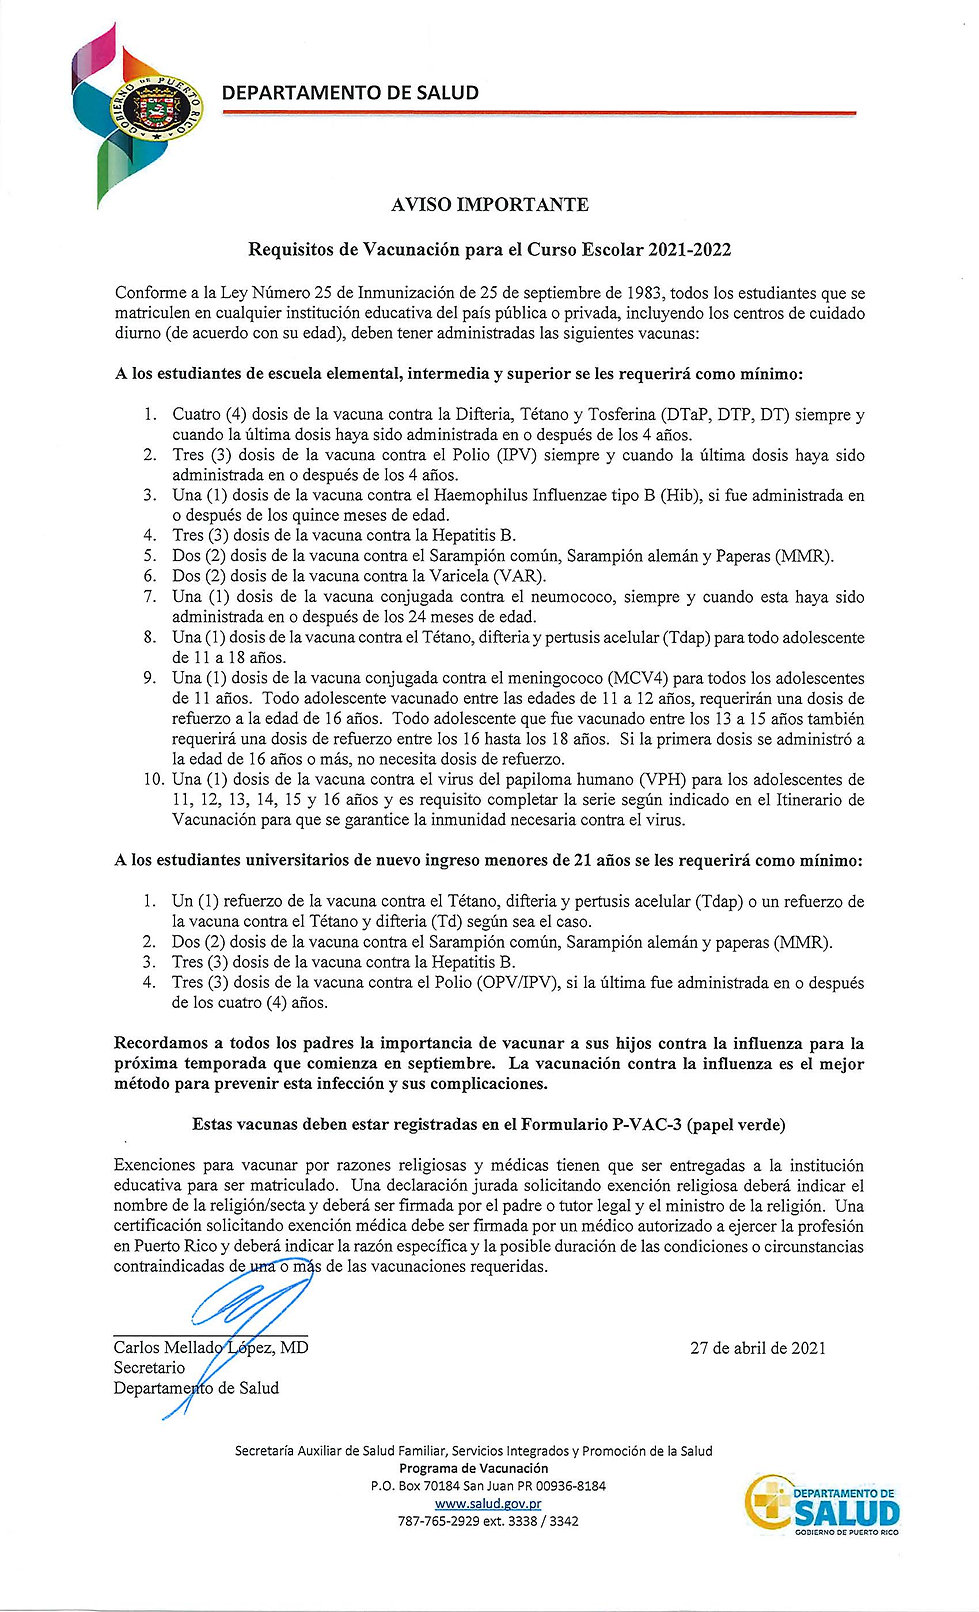 Requisitos de Vacunación para el Curso Escolar 2021-2022